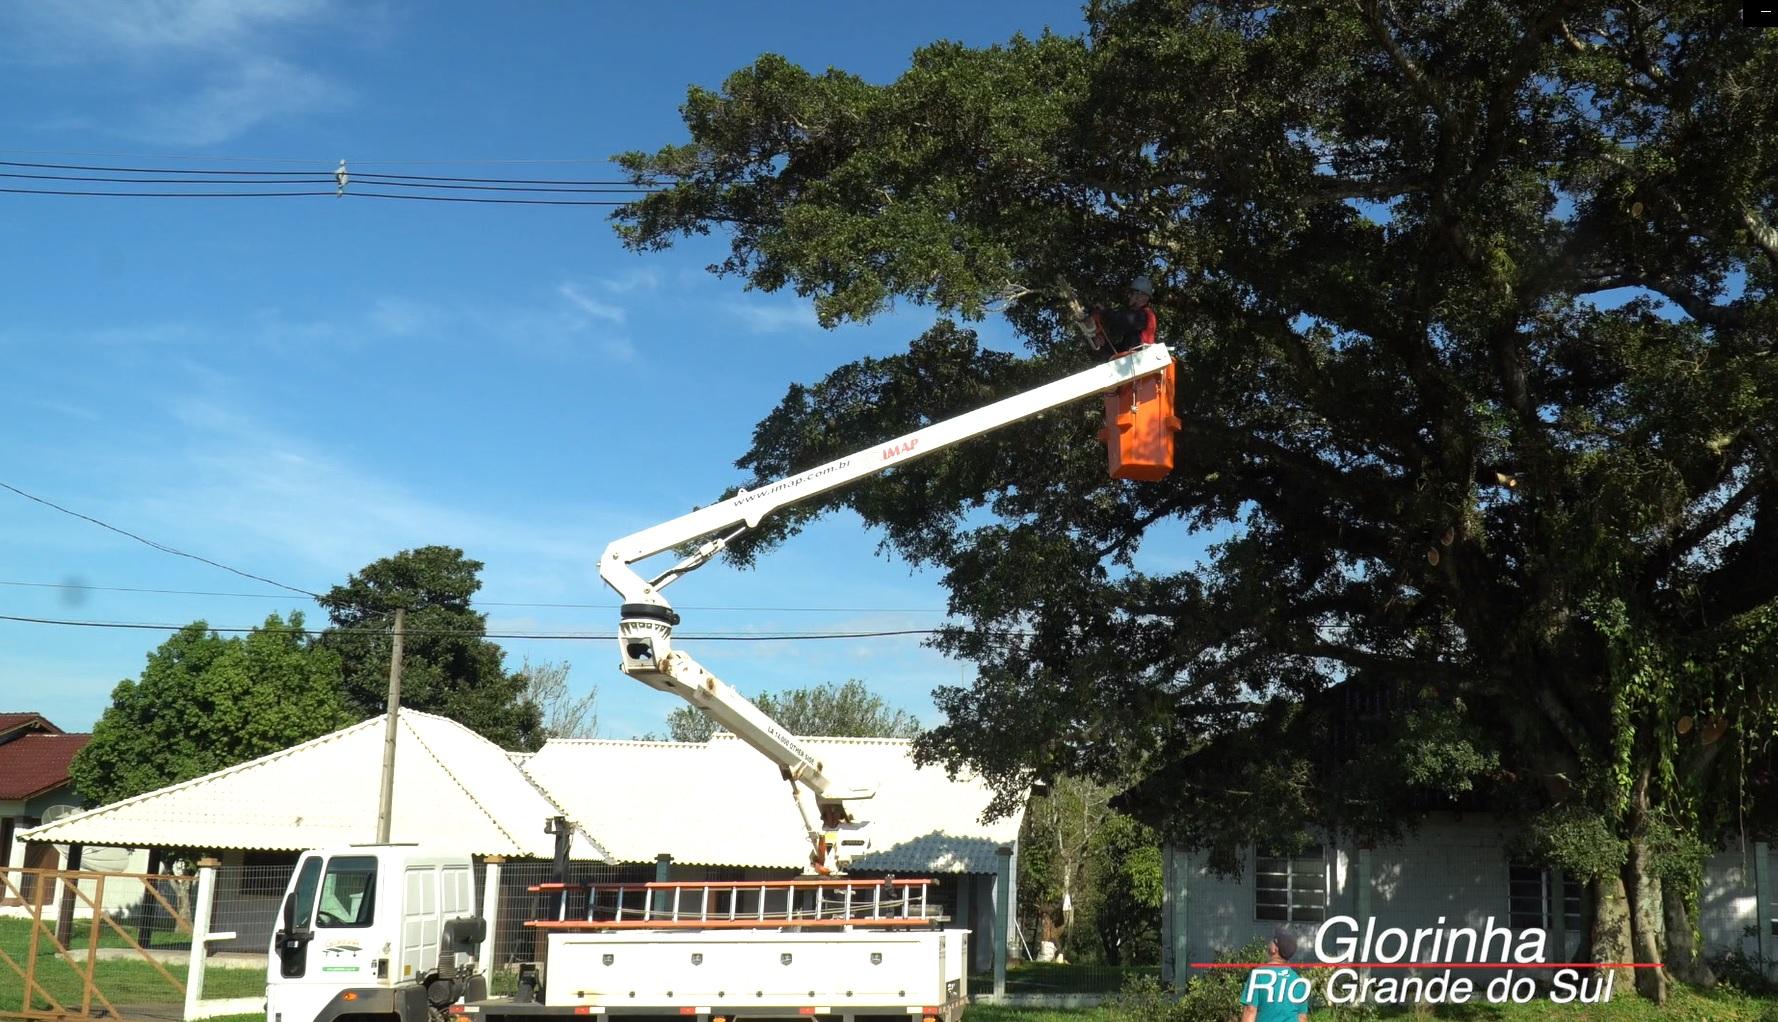 Cesta Aérea Glorinha RS - [Case de sucesso] Podas de árvores na manutenção dos municípios